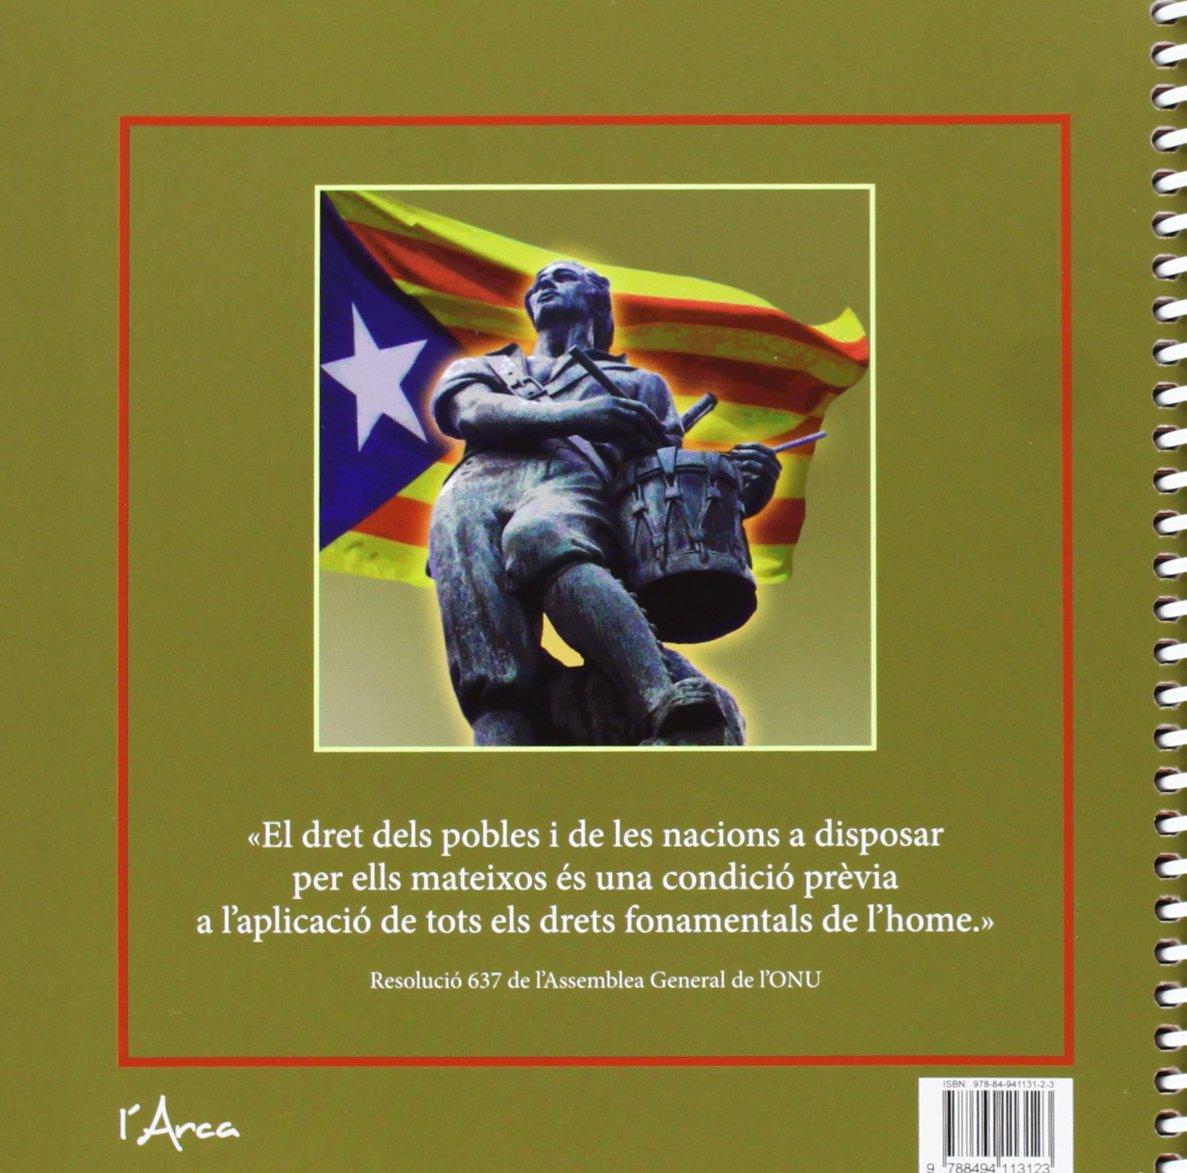 AGENDA 2014 INDEPENDÈNCIA DE CATALUNYA: 1001 Curiositats ...